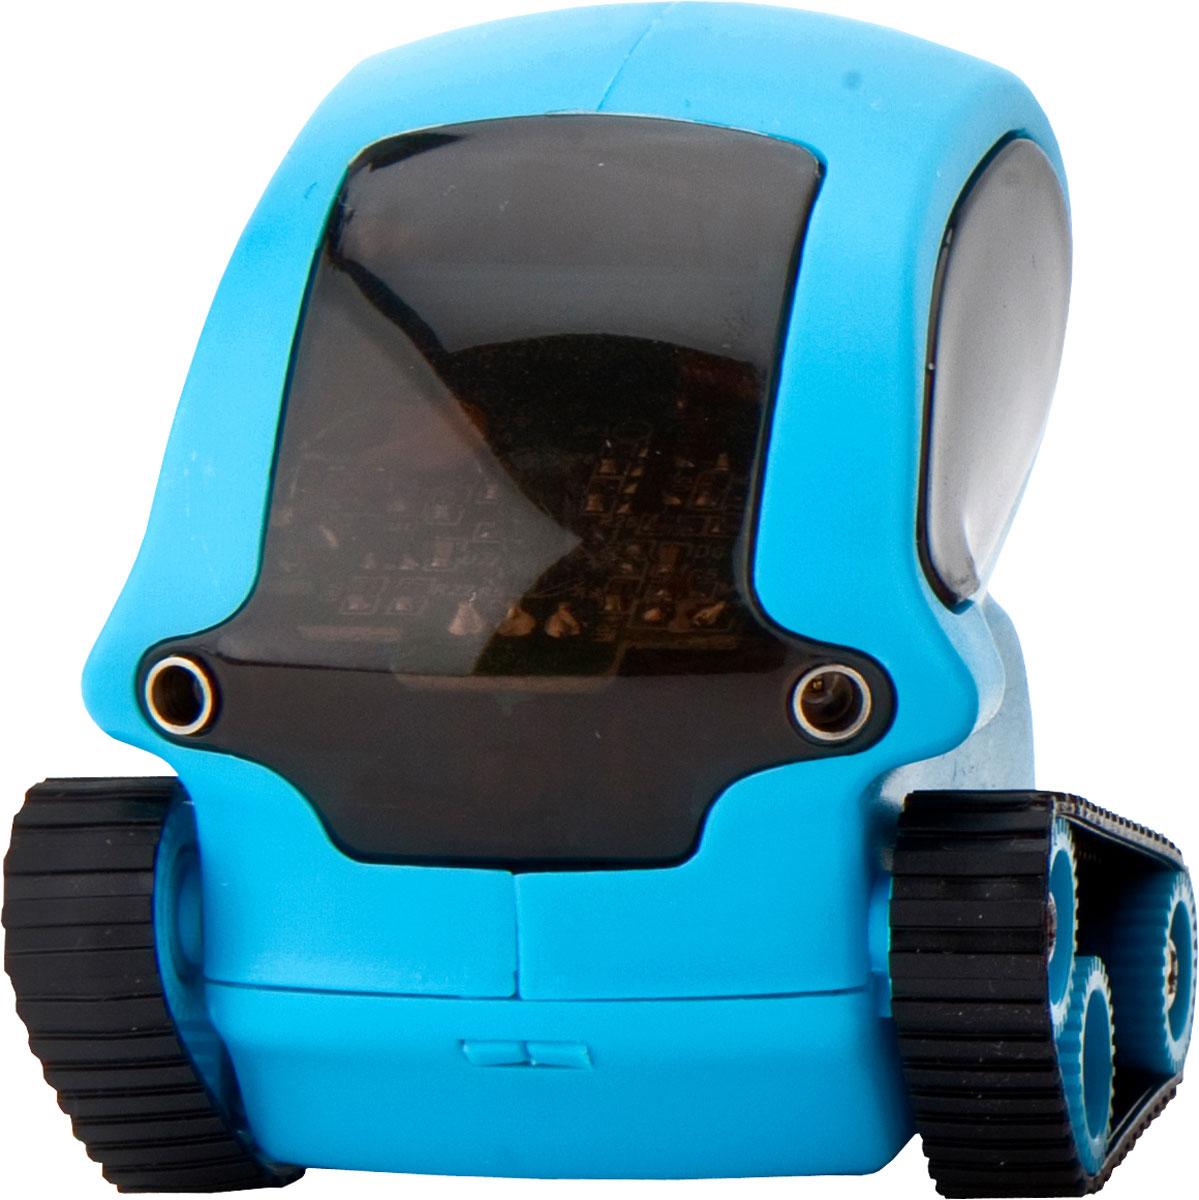 DeskPets Микро-робот Танкбот цвет синий1851Микроробот Танкбот компании Desk Pets — это увлекательная игрушка, способная развеять скуку повседневной офисной жизни или произвести фурор в любом месте, где бы робот ни начал свое движение. Главная особенность Танкбота — продвинутая система управления. Многие обладатели управляемых игрушек уже давно привыкли, что для каждого устройства нужен свой уникальный пульт, найти который по прошествии времени достаточно тяжело. У игрушек Desk Pets с этим нет никаких проблем! Уникальный адаптер iDeskPets, который вставляется в стандартный разъем для наушников вашего смартфона под управлением Android или iOS (iPhone, iPad, iPod), позволяет управлять не только Танкботами, но и игрушками Скиттербот и Трекбот.